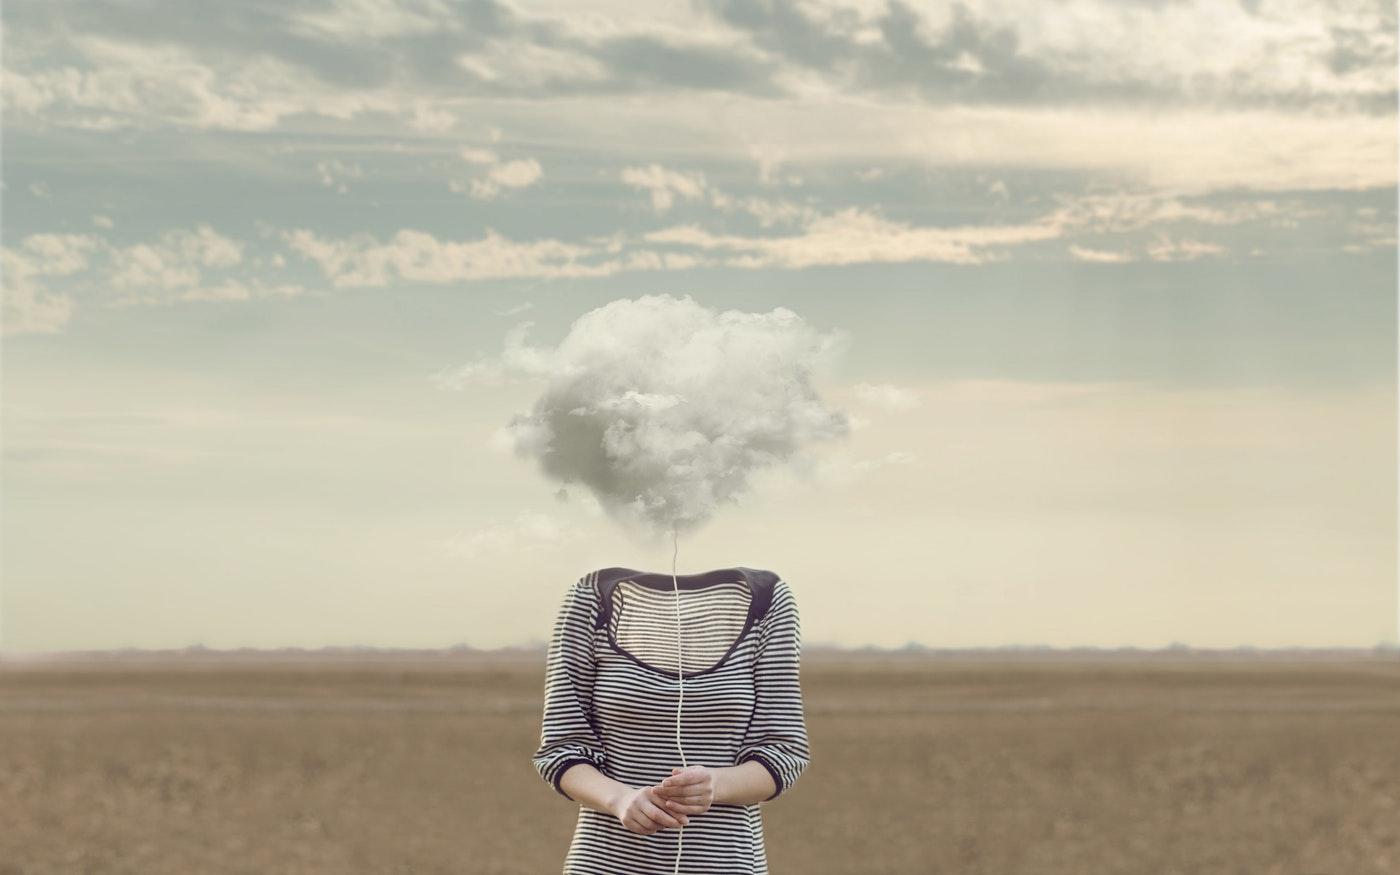 ذهنآگاهی یعنی آگاهی کامل از لحظه حال و حس کردن بدن و طبیعت